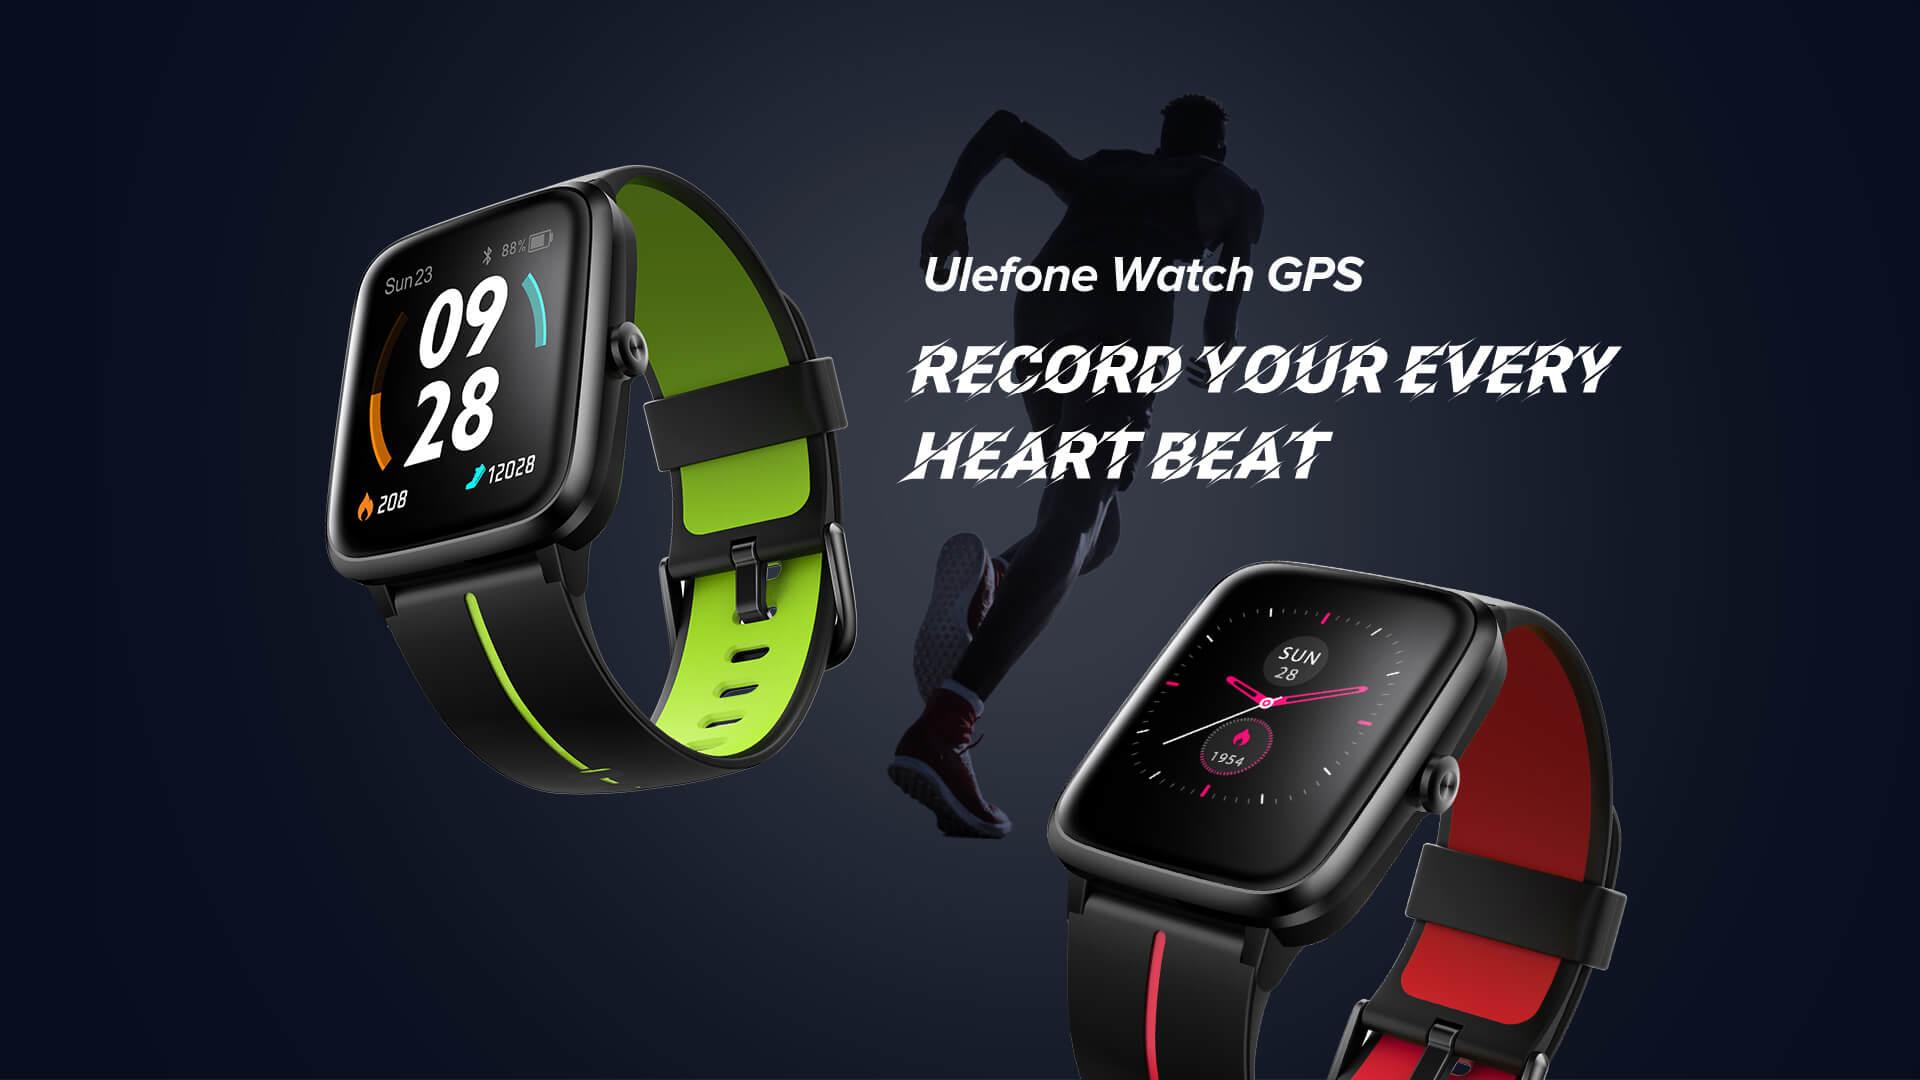 Ulefone Watch GPS 1920x1080x